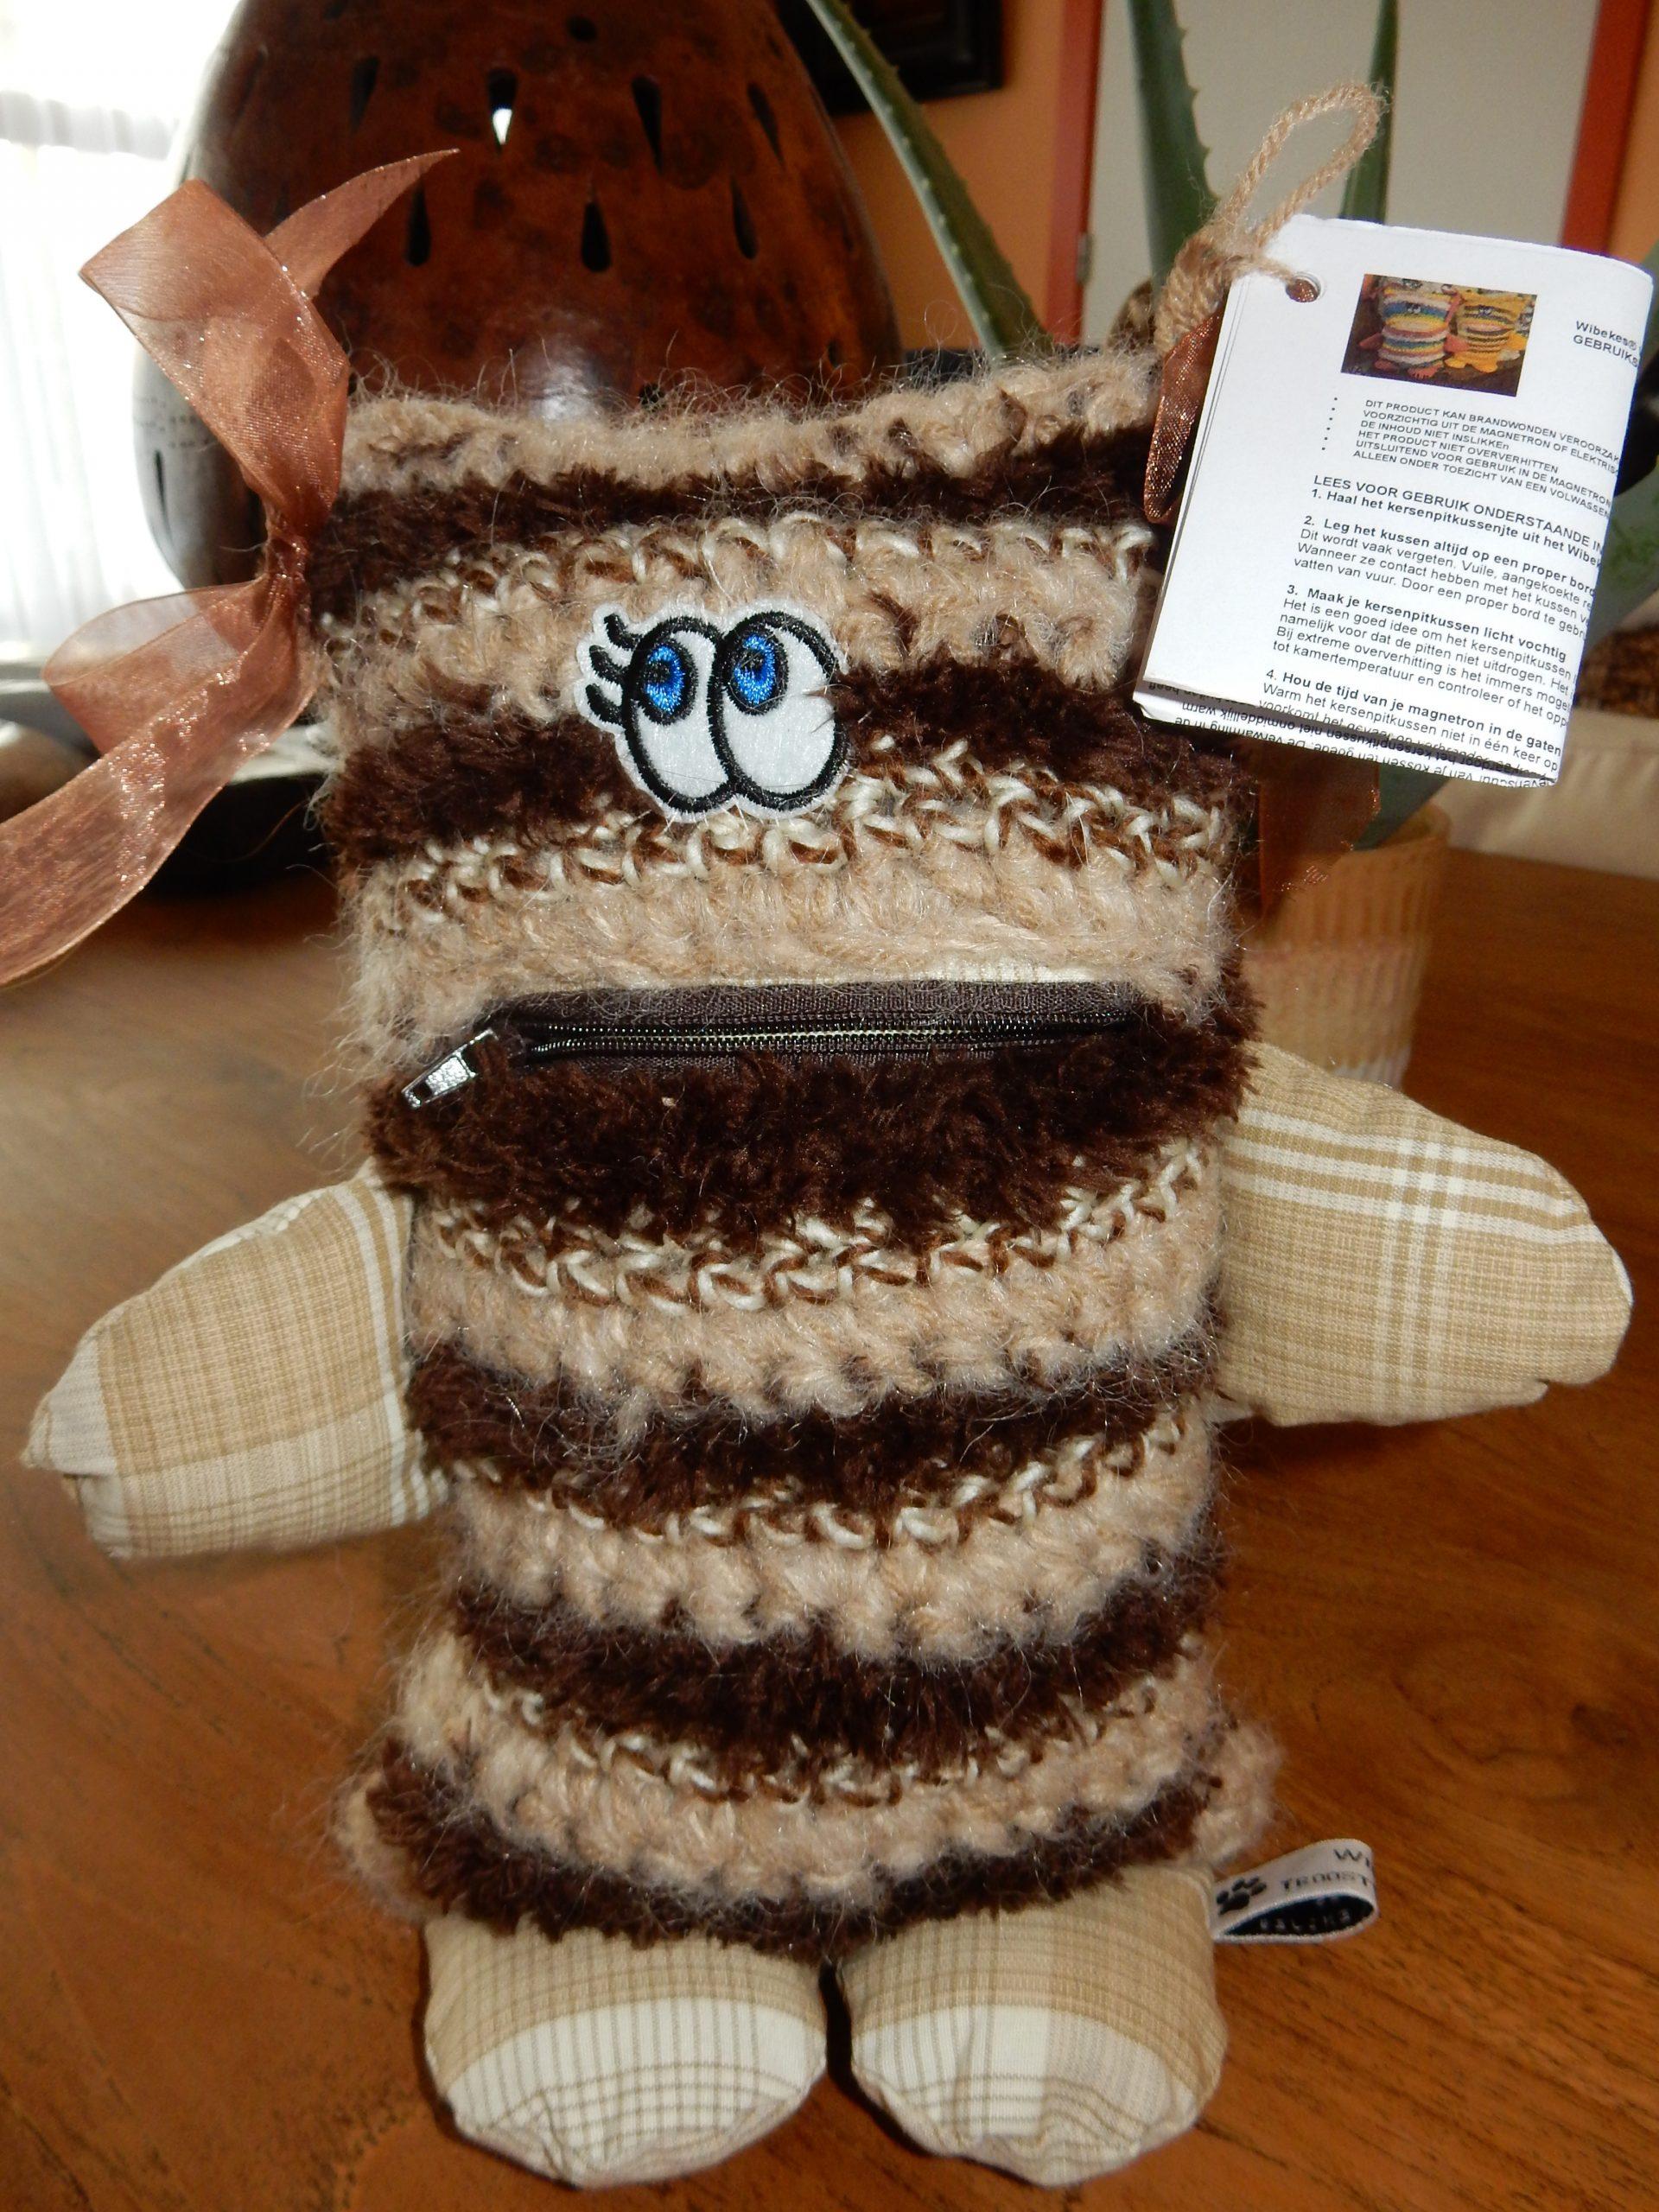 NIEUW !!!! Wibekes Warm Troostvriendje (met kersenpitkussentje) - Brownie 1  -- GERESERVEERD